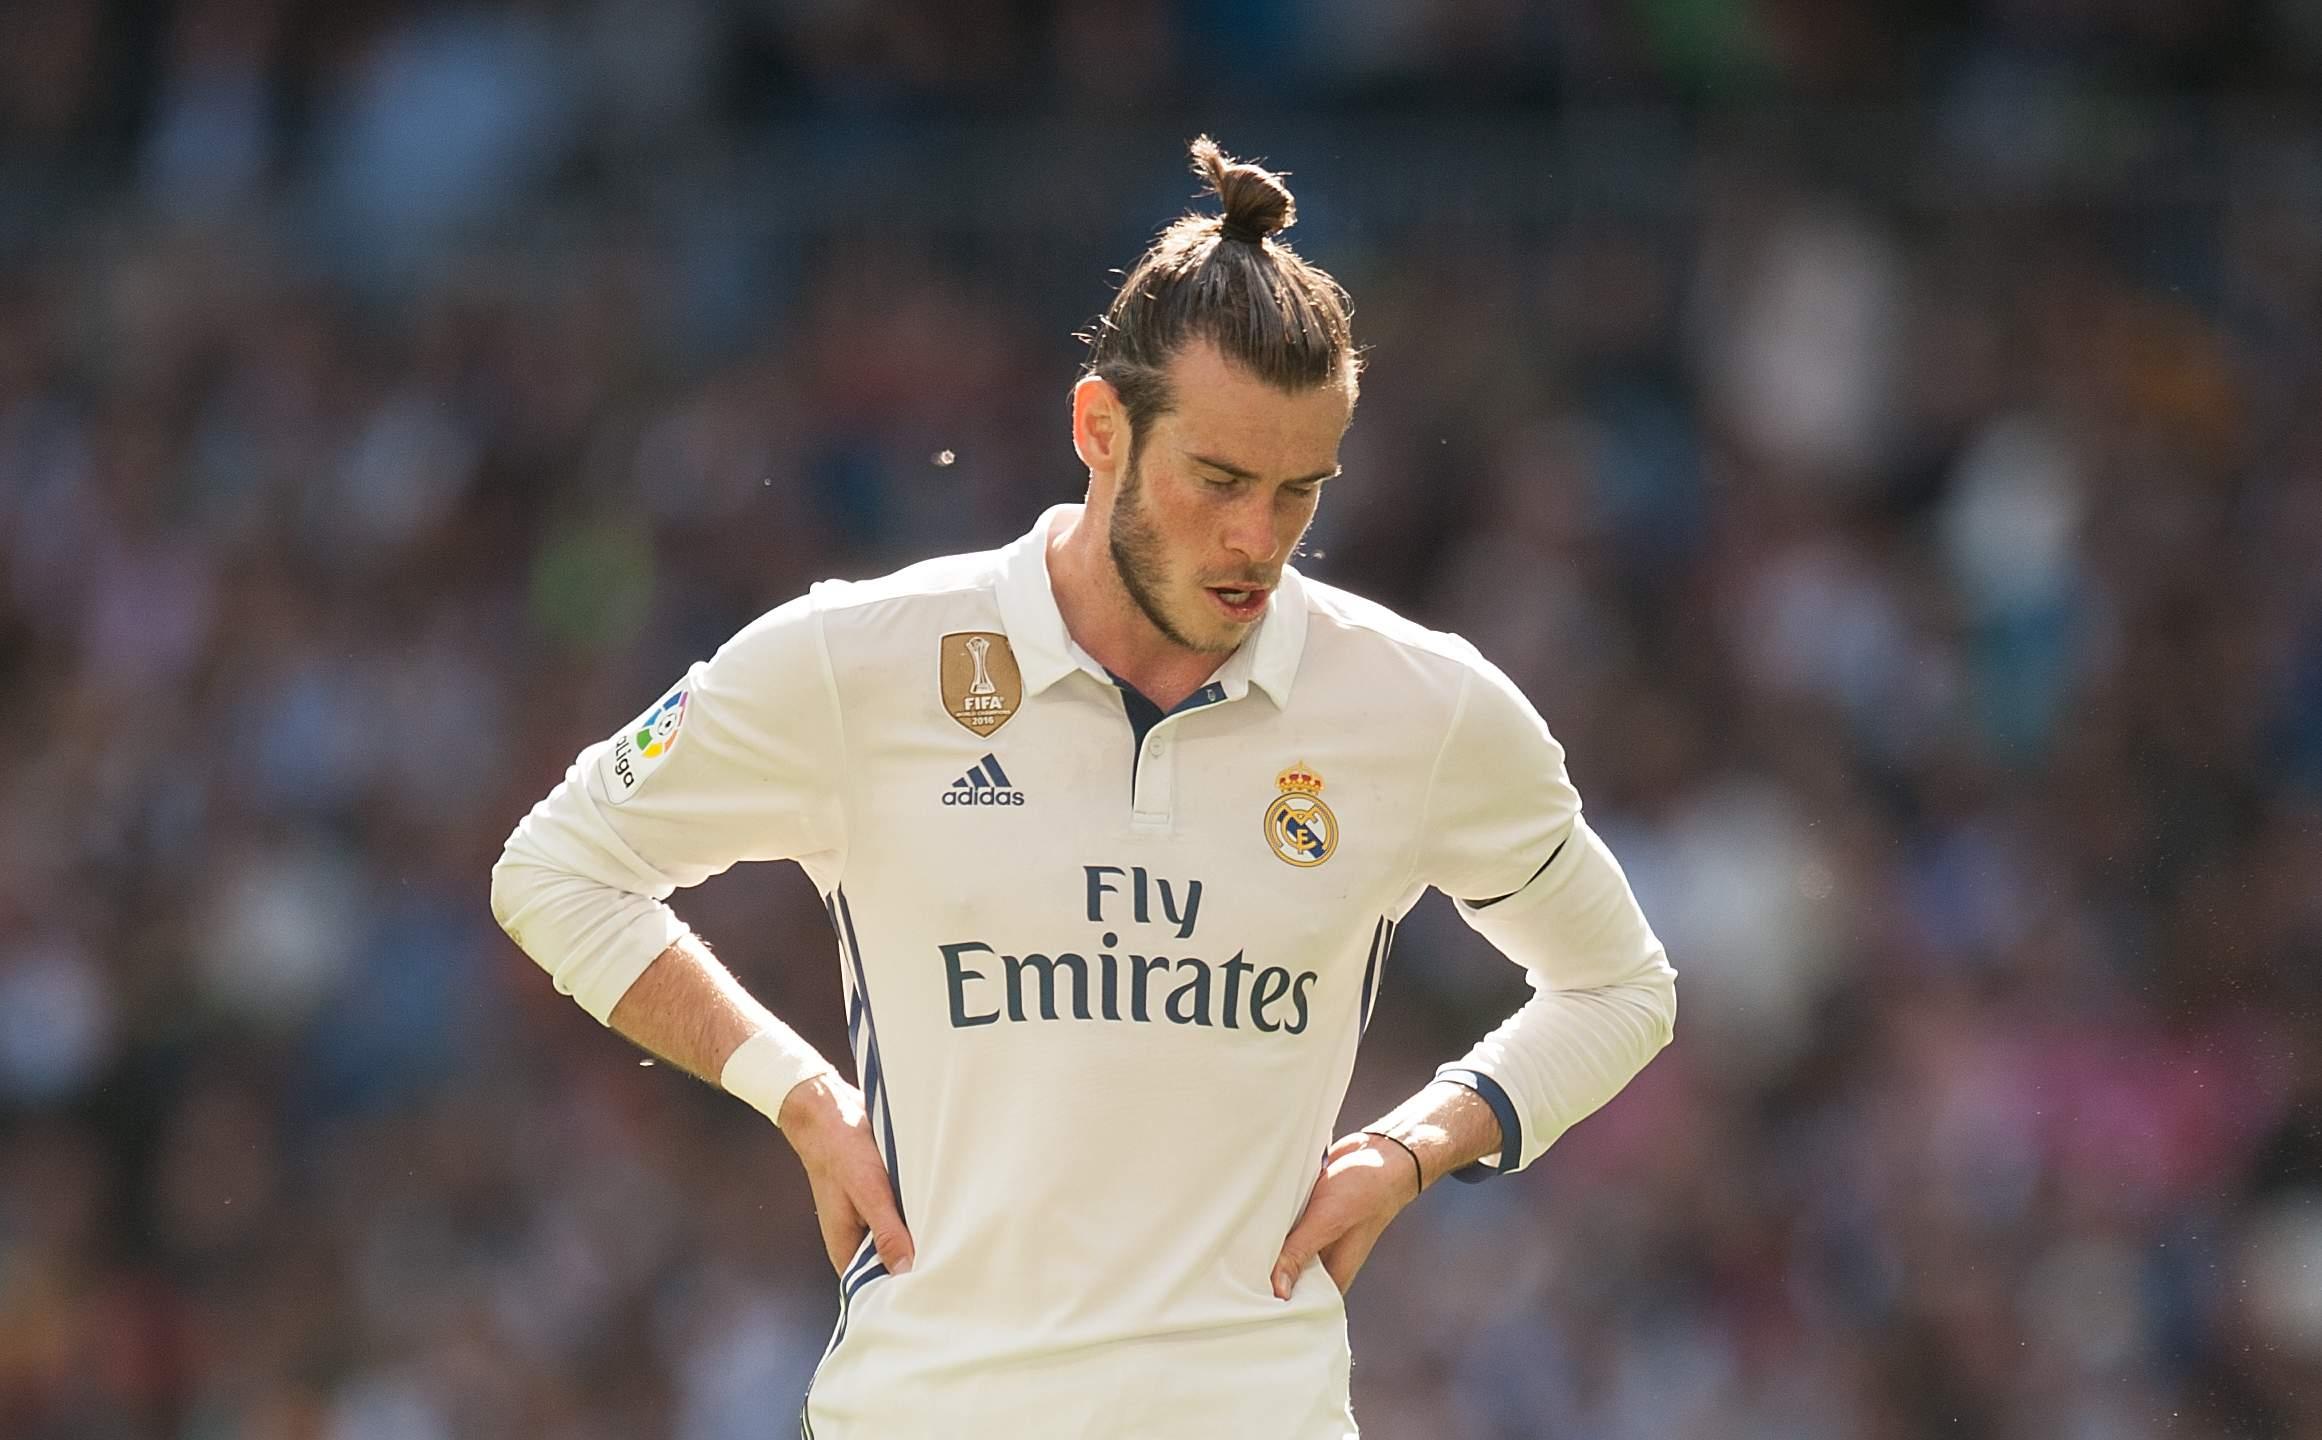 Điểm tin tối 08/02: M.U rộng cửa mua Bale, Isco; - Bóng Đá